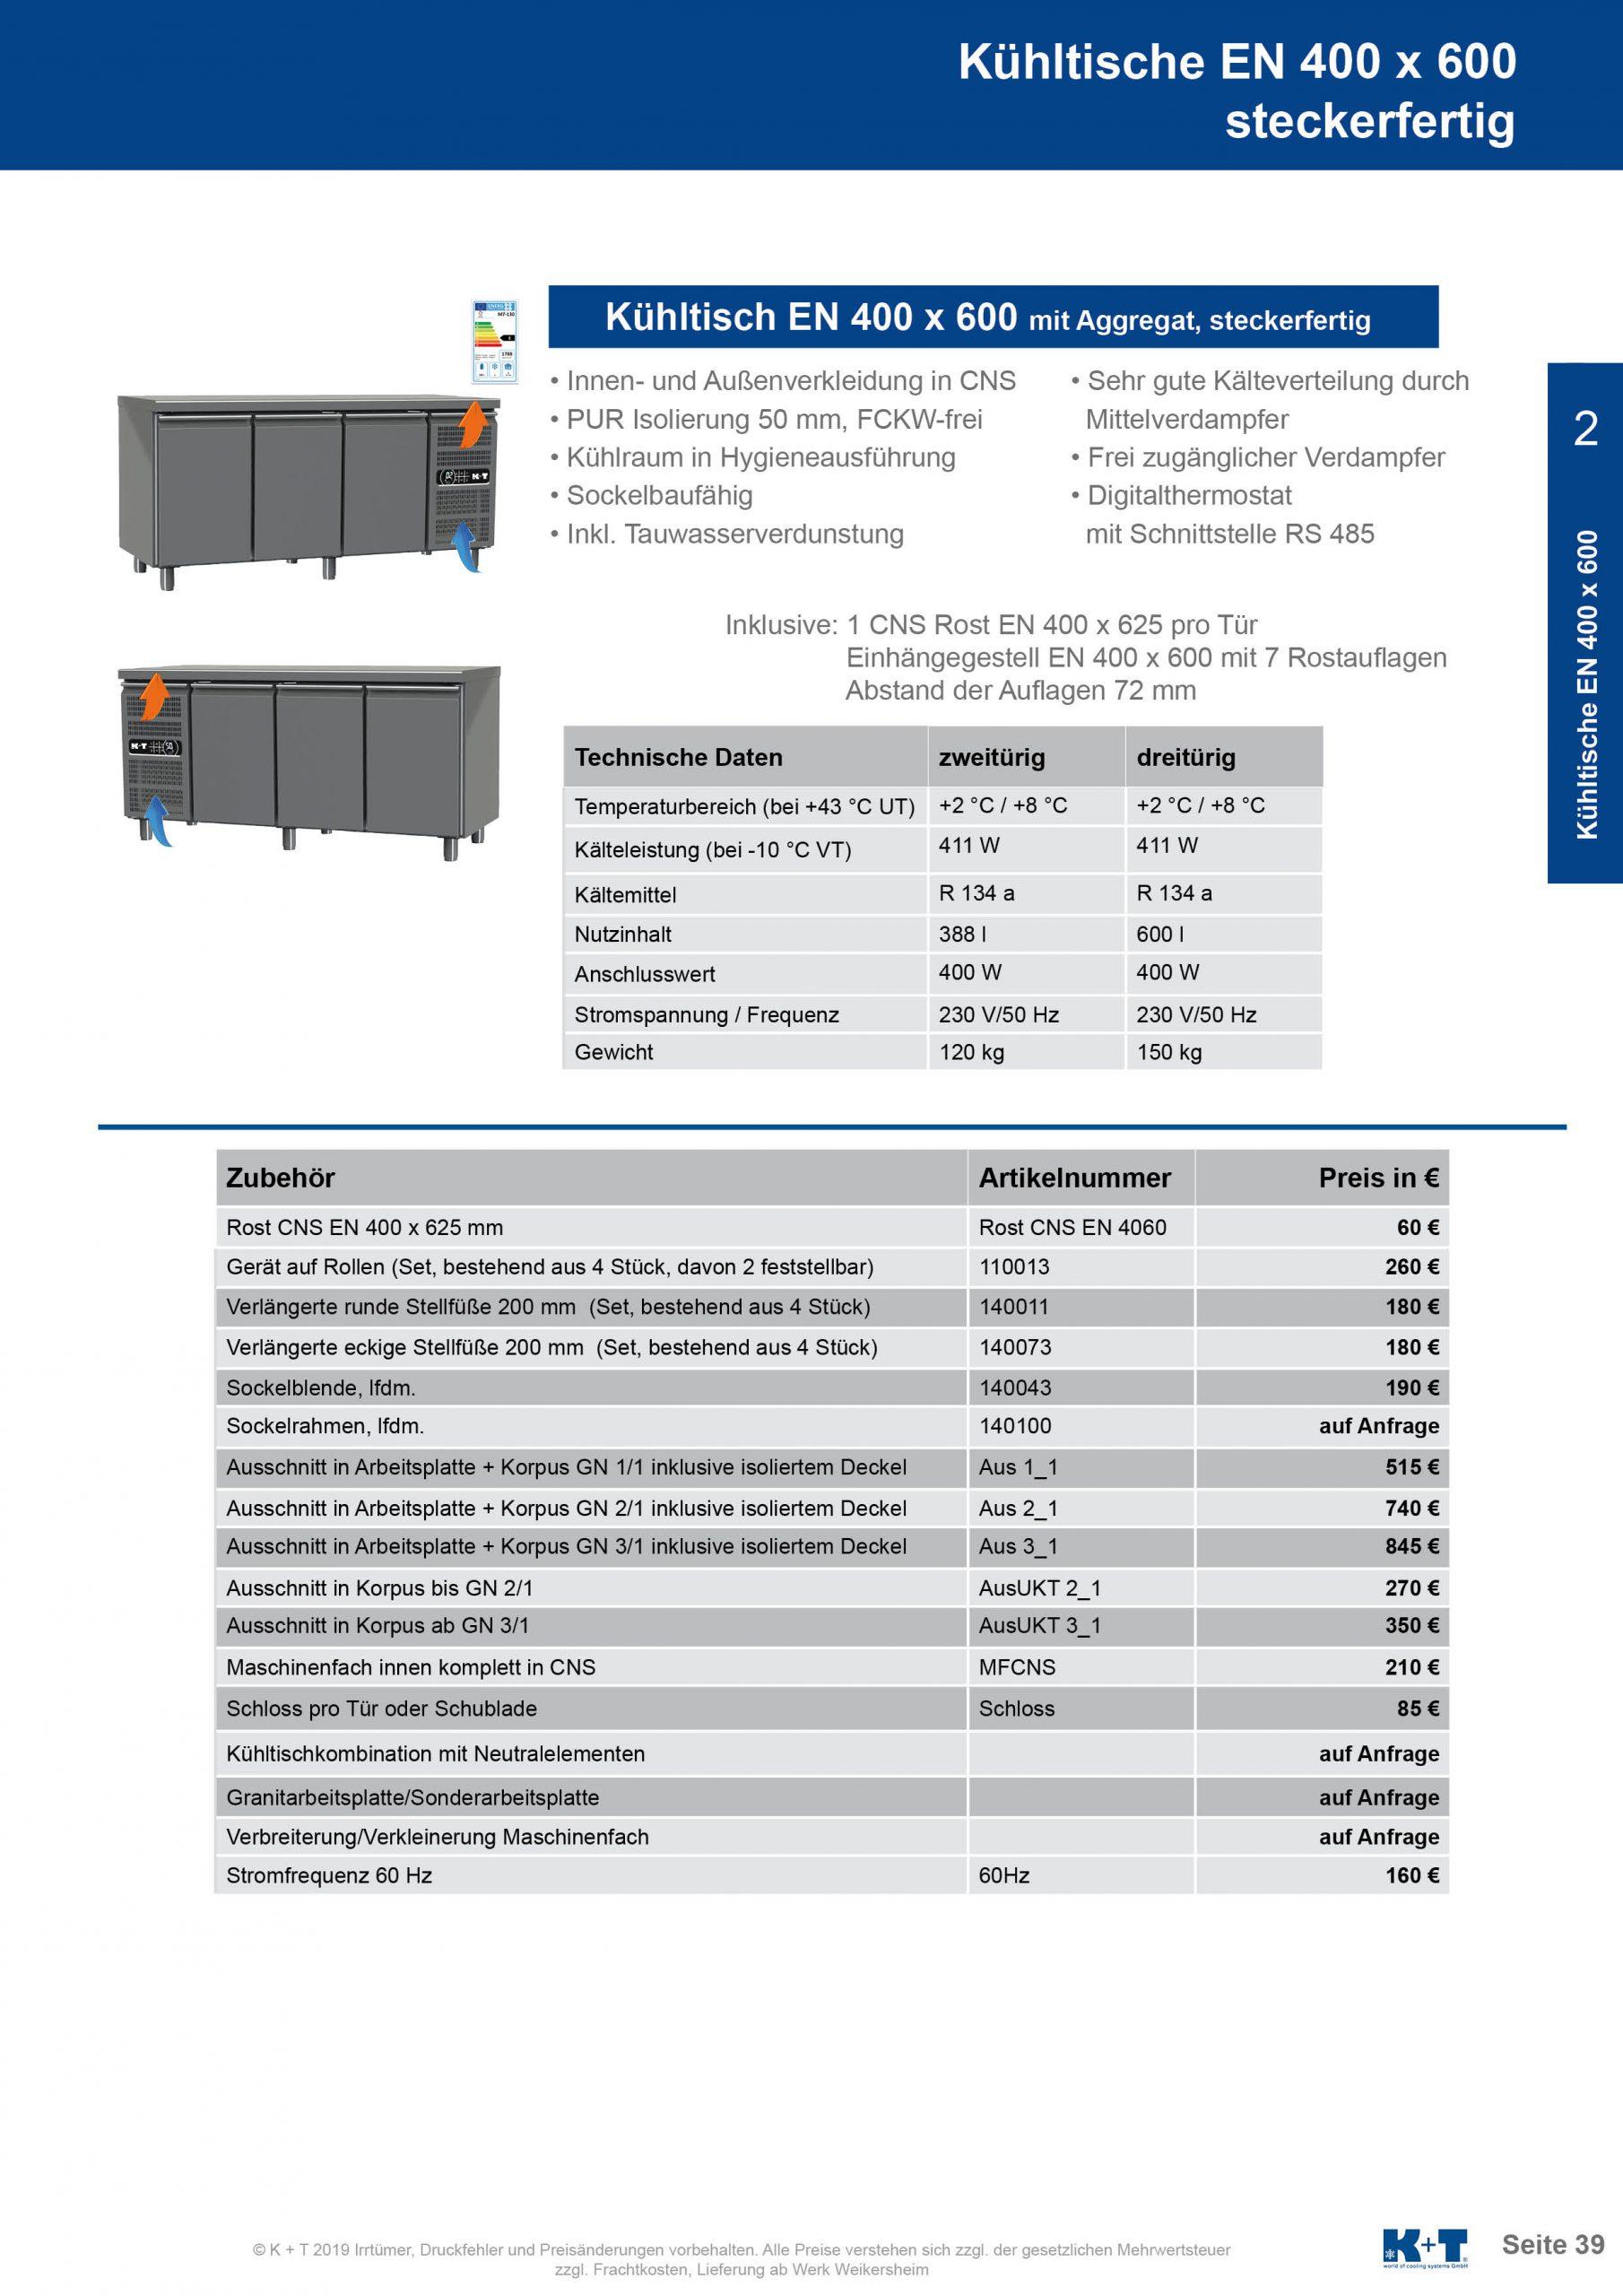 Kühltisch Euronorm 400 x 600 Korpus 700 steckerfertig 2